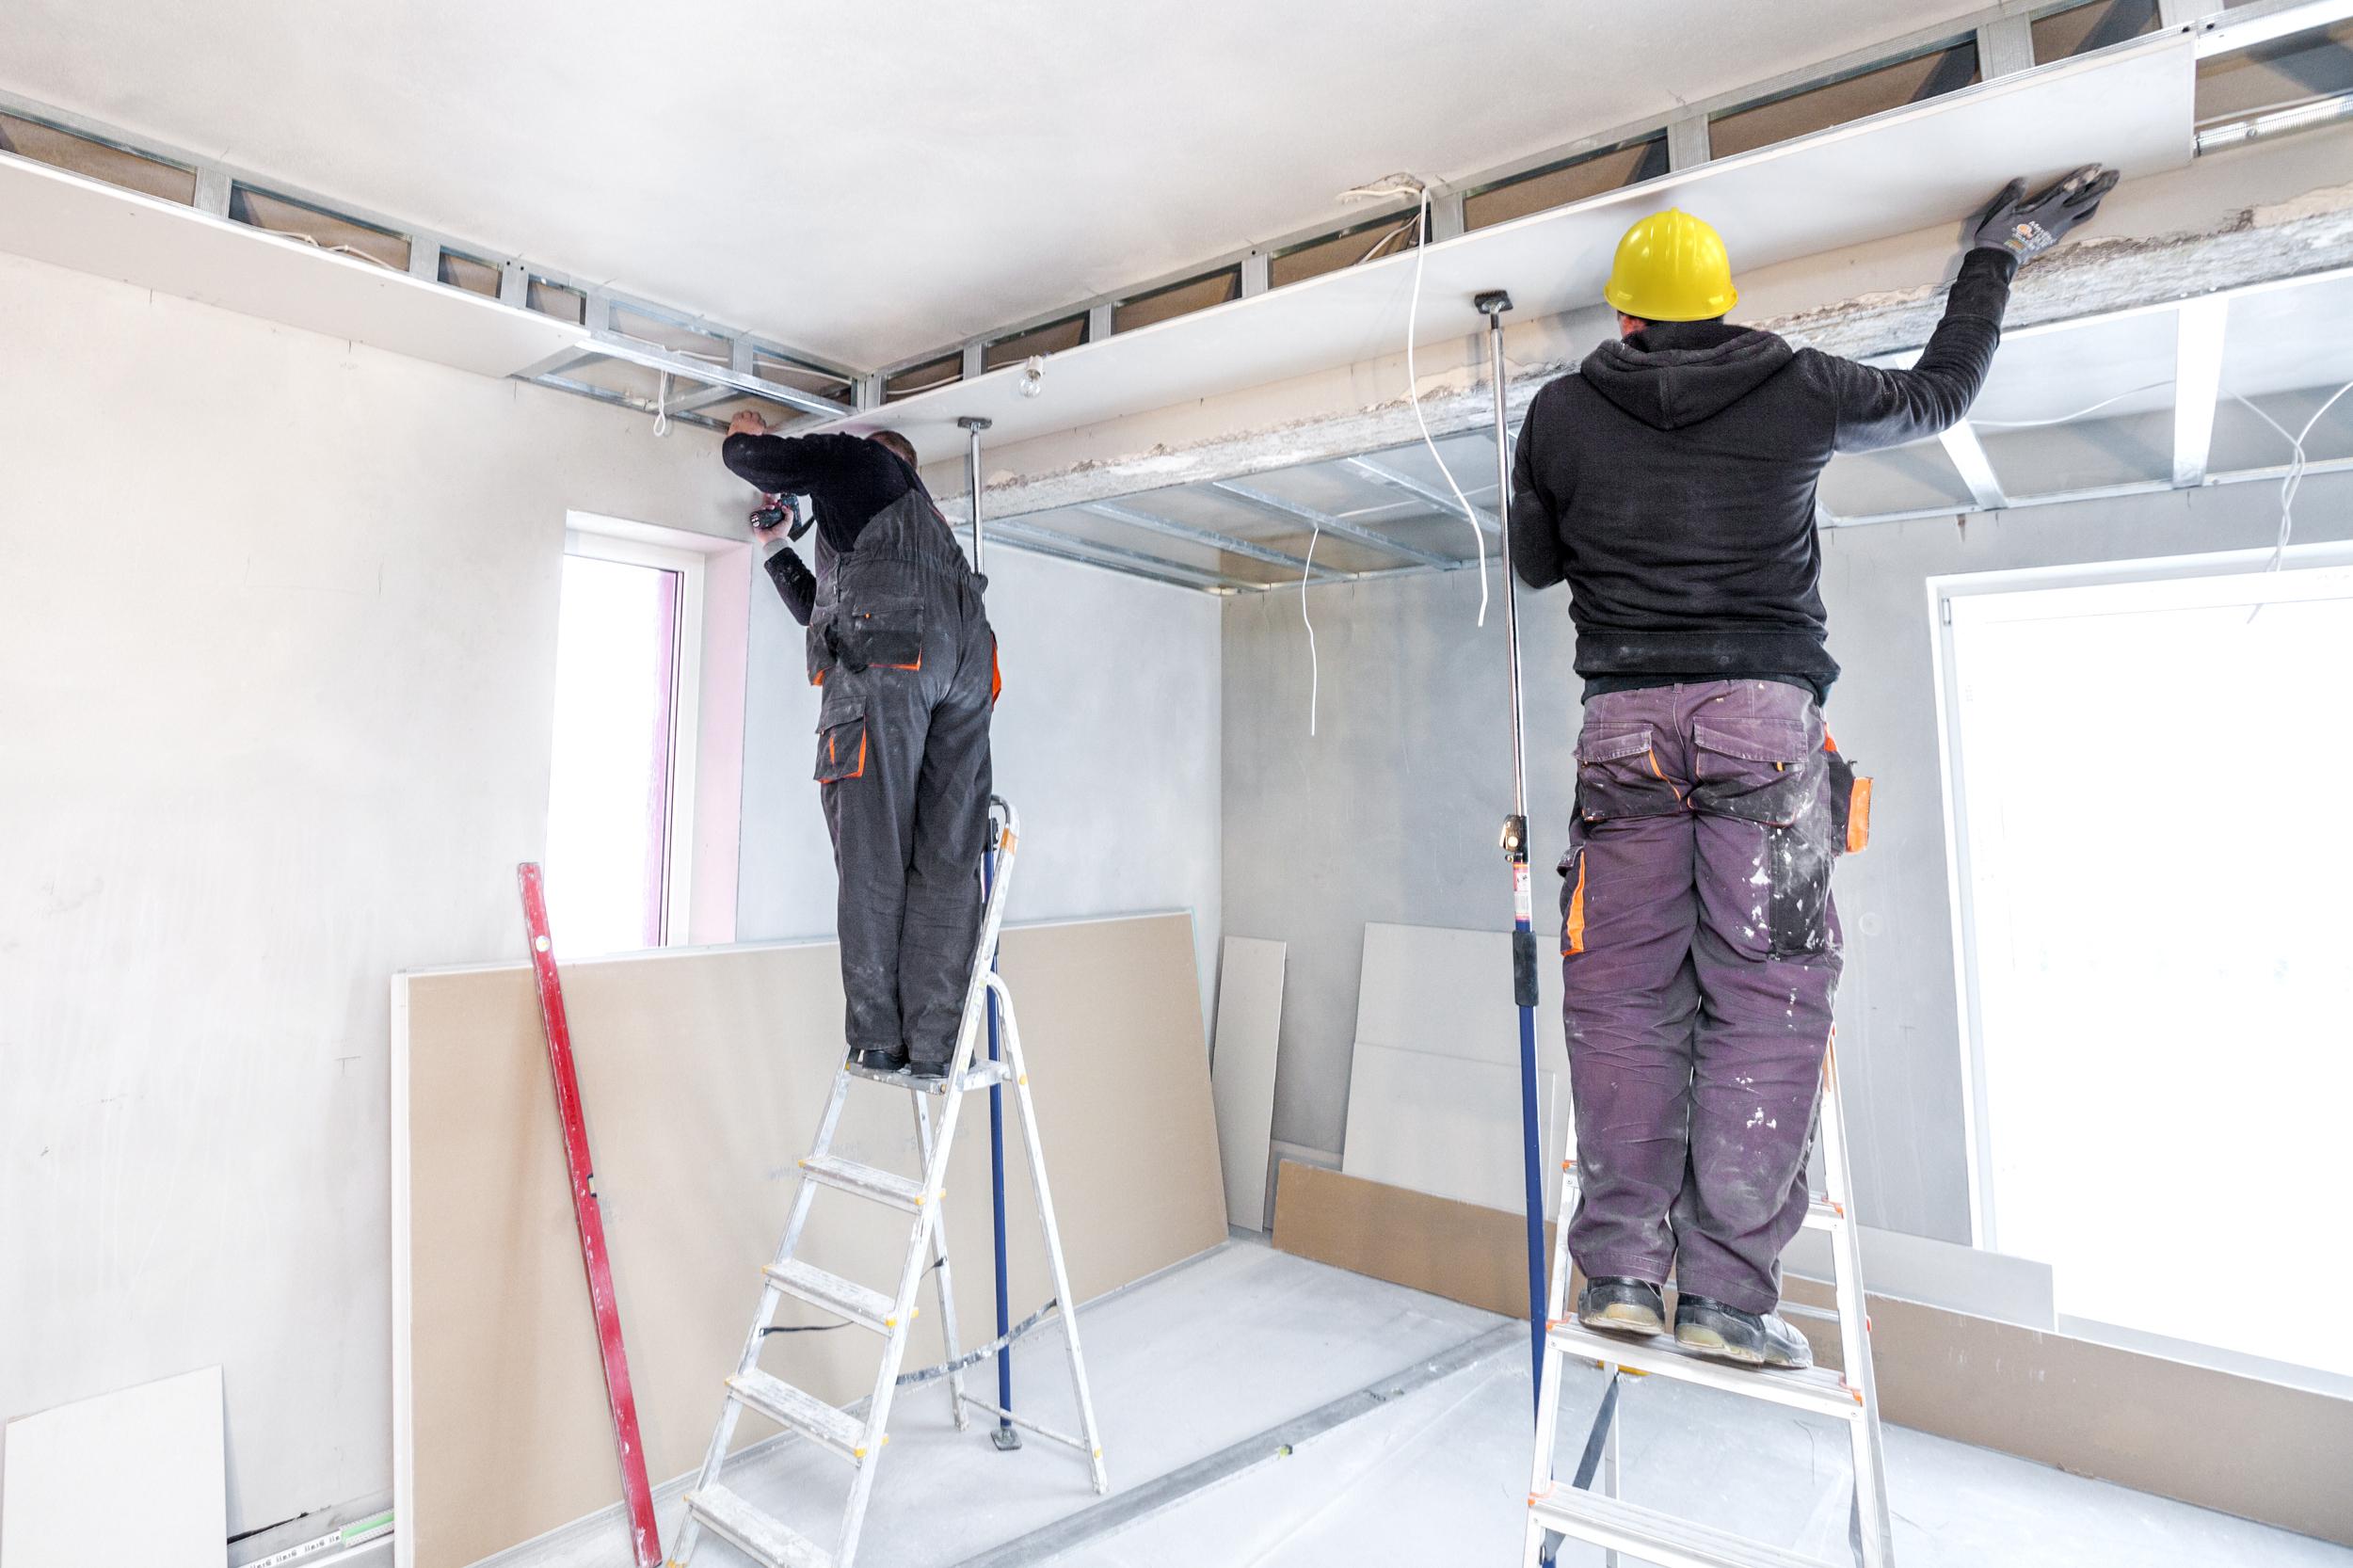 Suspended Ceilings.jpg Drywall ceiling